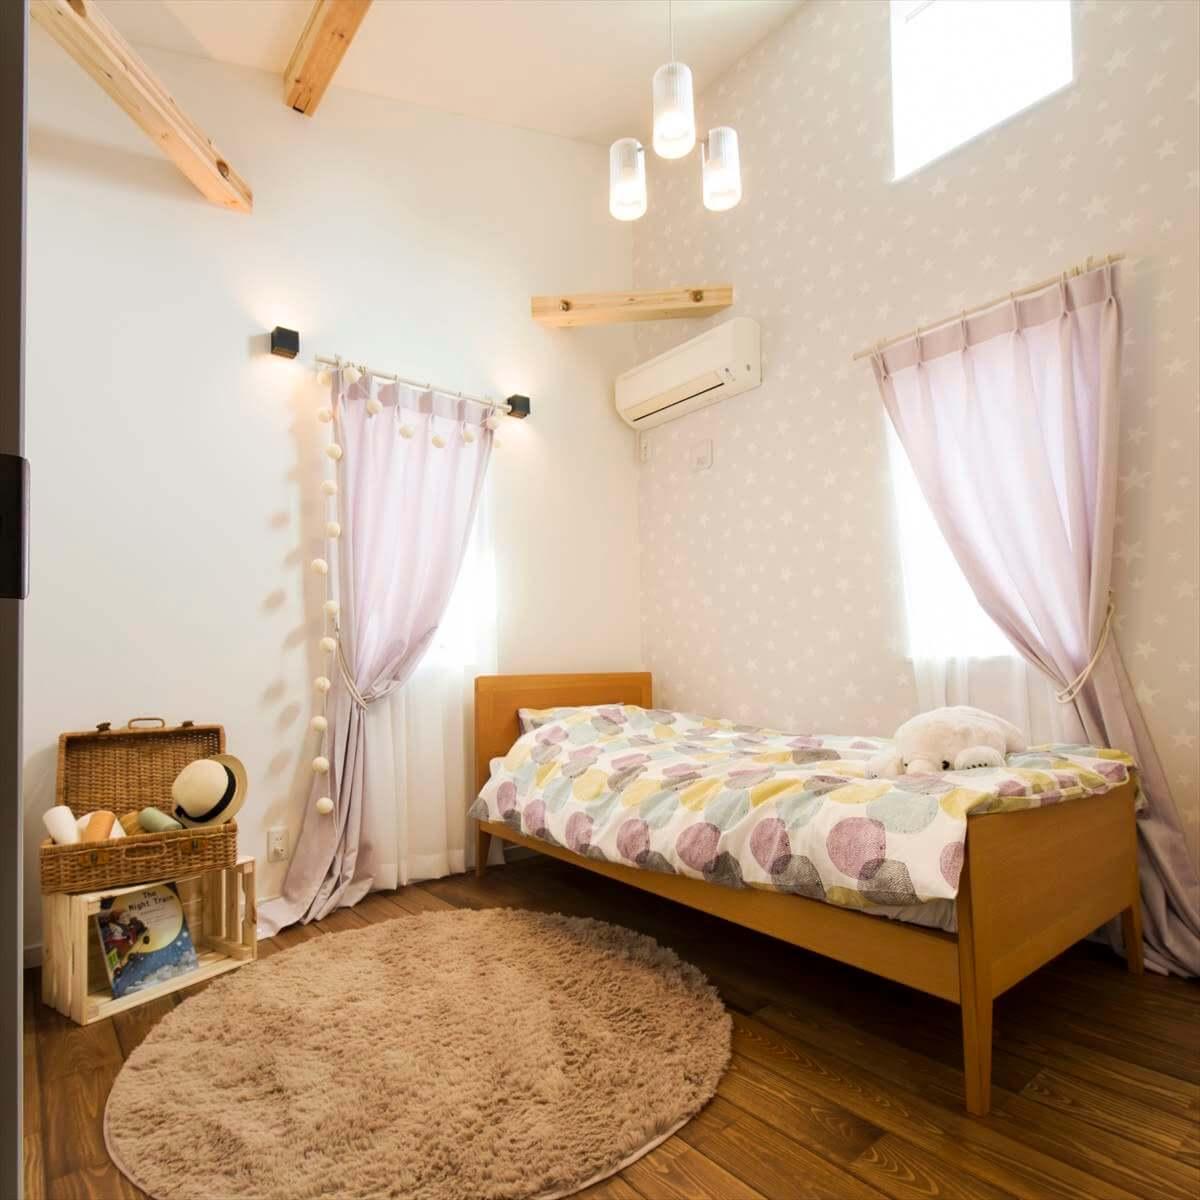 |安水建設|愛知県安城市を中心に三河エリアの木造注文住宅・リフォームインテリアで変わるお部屋の雰囲気